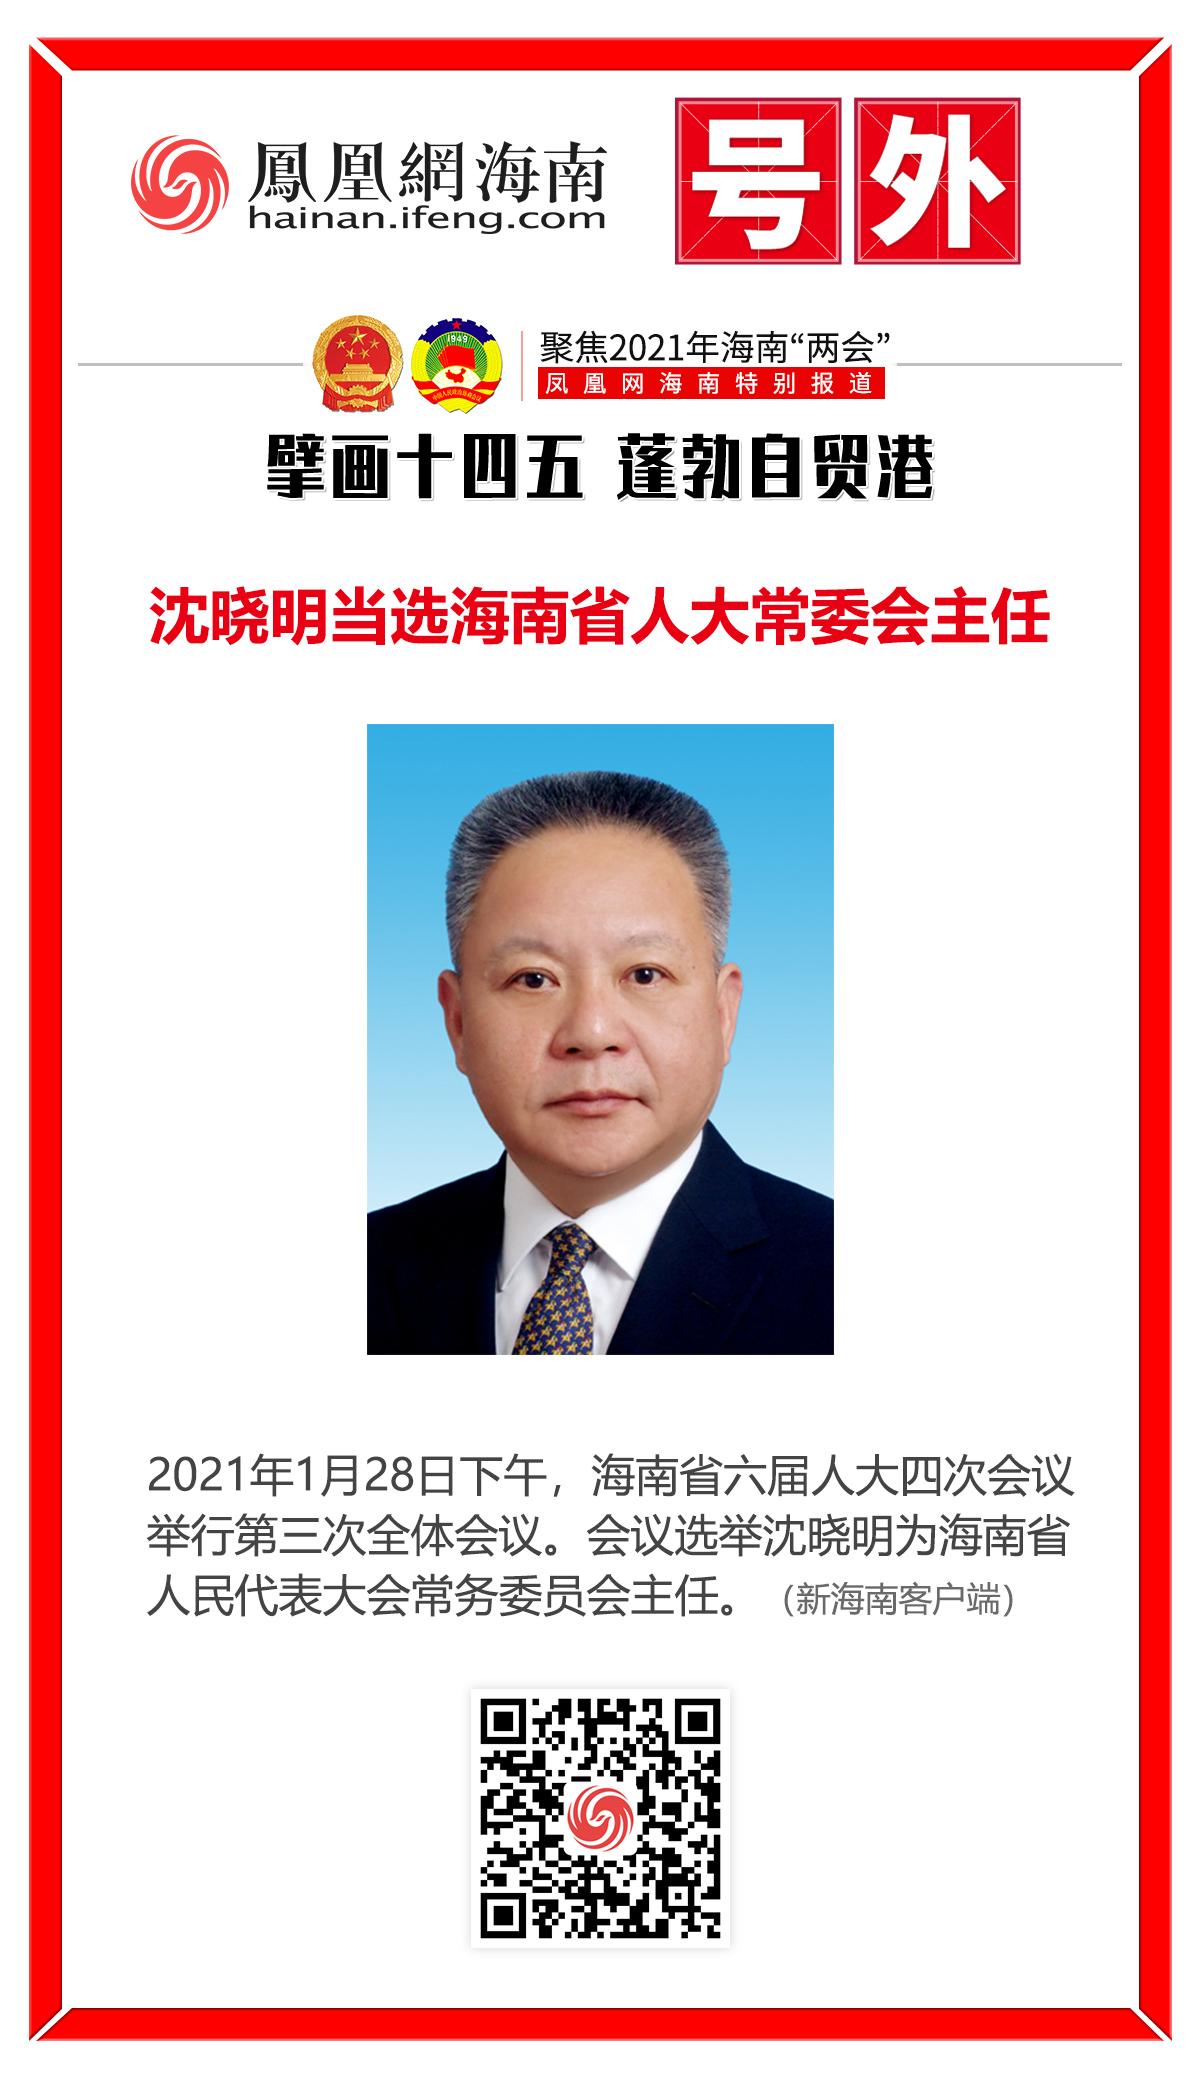 沈晓明当选海南省人大常委会主任